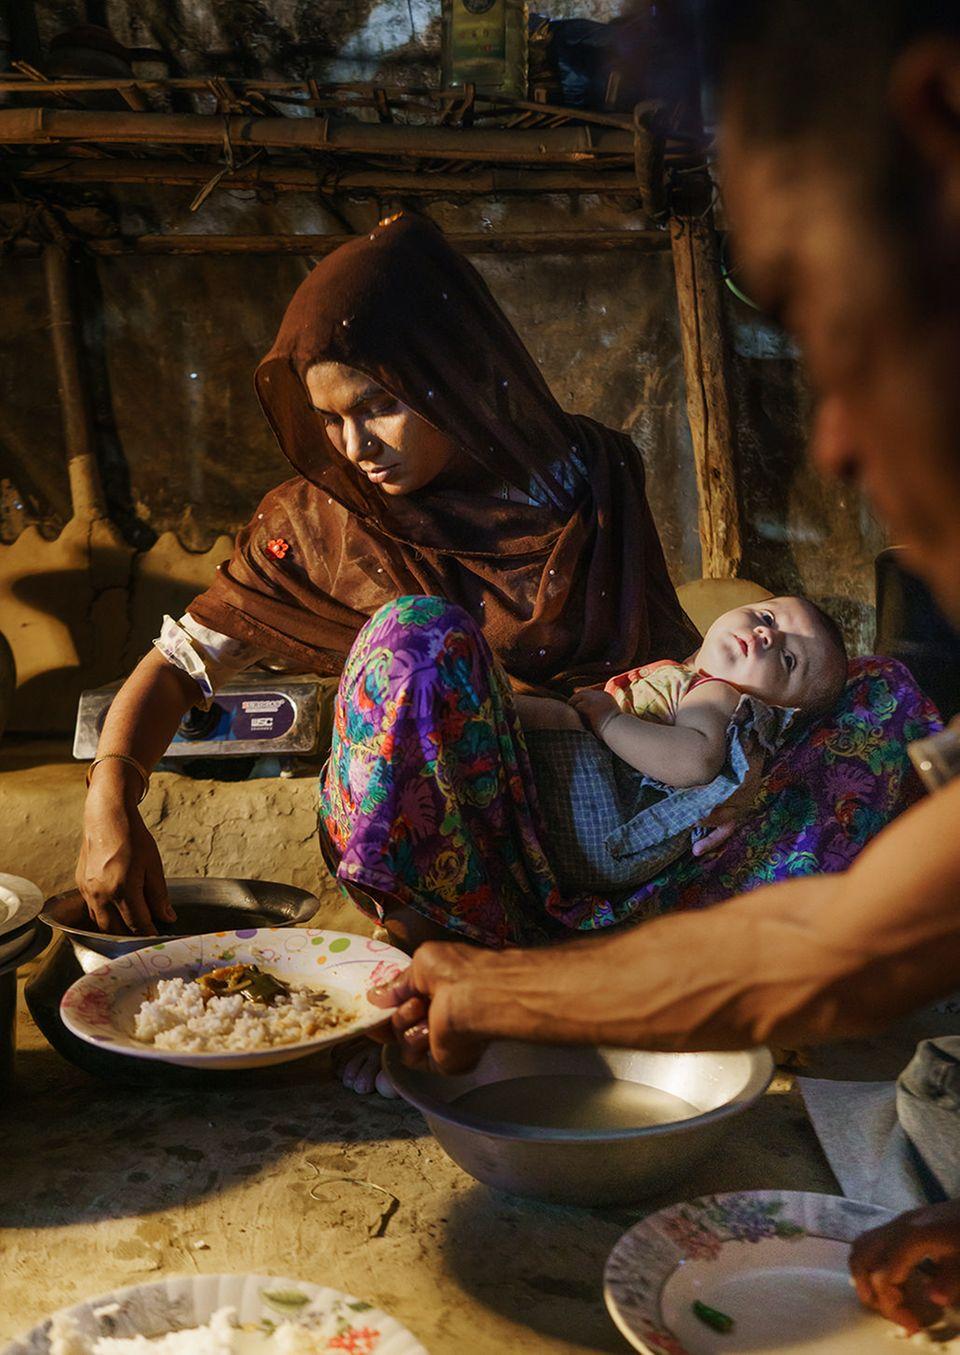 Bangladesch: Die Rohingya Arafa Begum serviert ihrem Mann Essen. Die kargen Vorräte lagern auf einem Holzgestell über dem Gaskocher